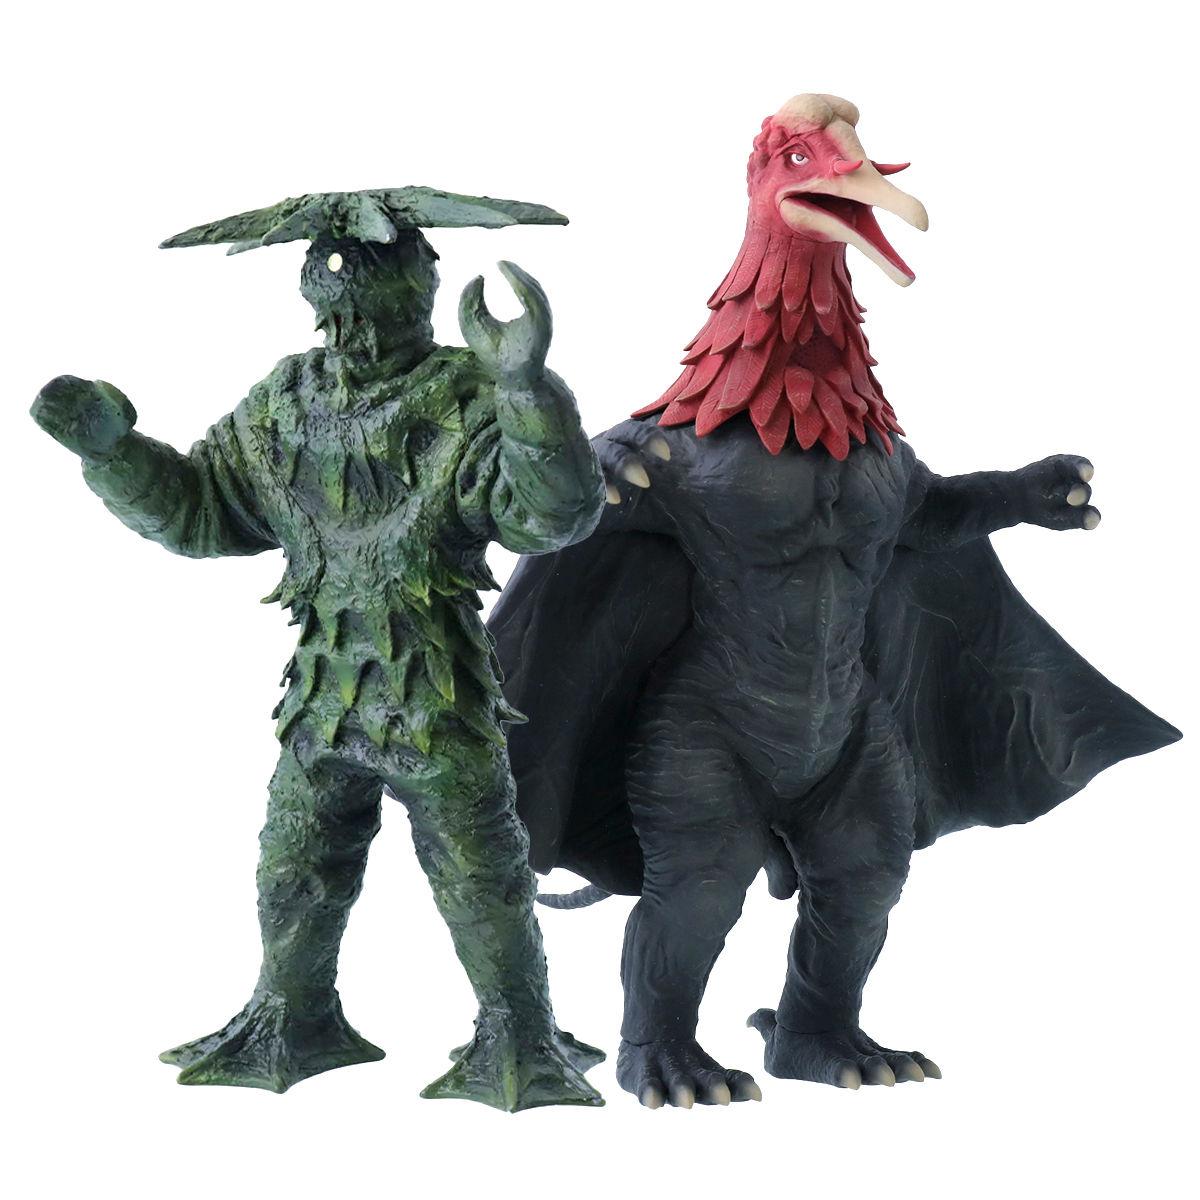 【限定販売】ウルトラ大怪獣シリーズ5000『テペト/テロチルス』完成品フィギュア-001